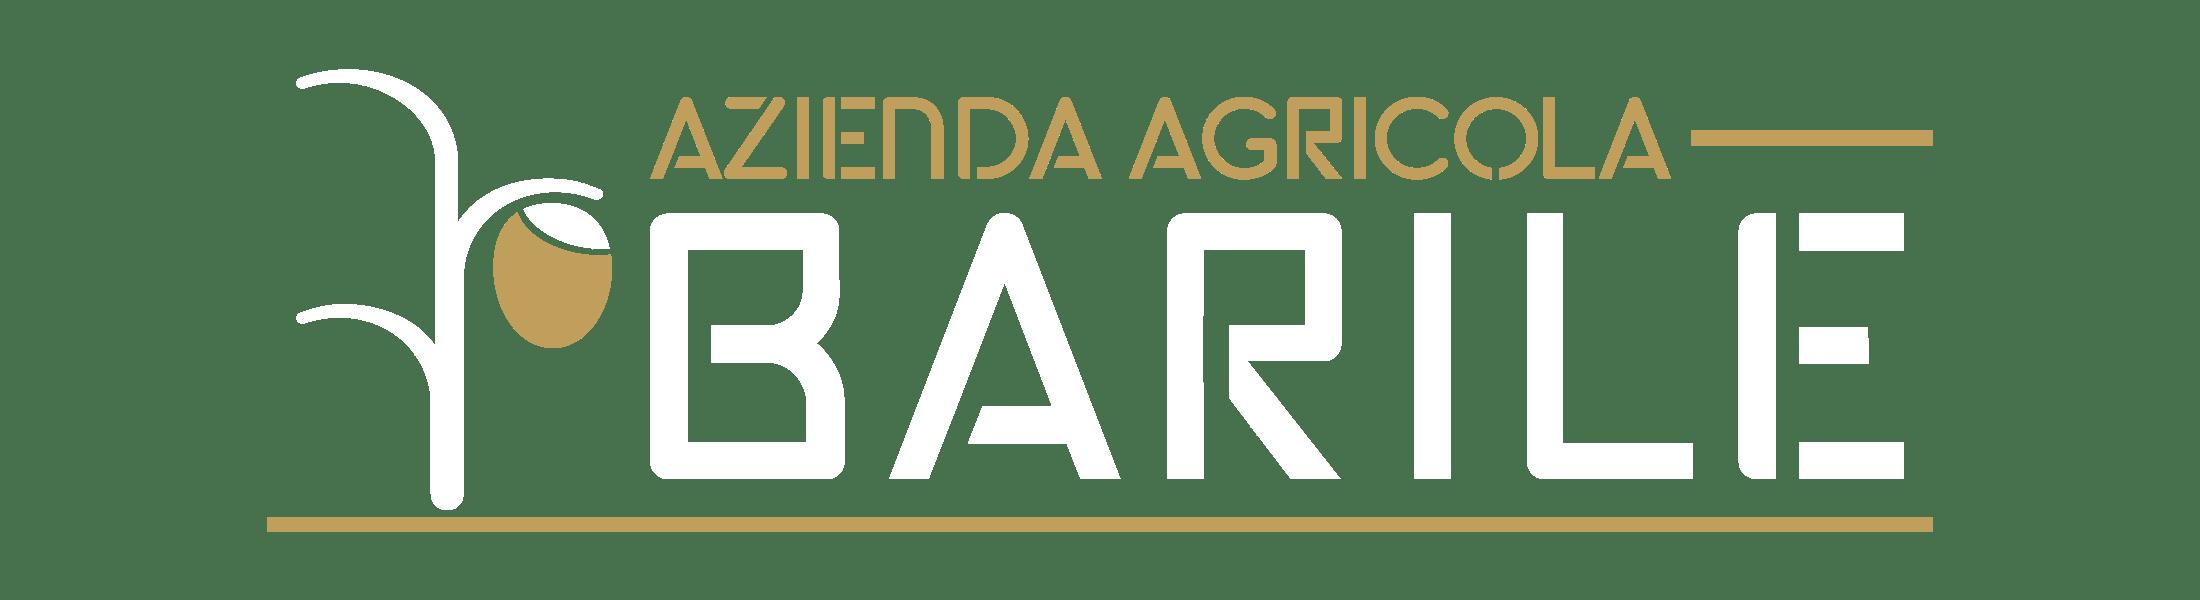 Azienda Agricola Barile